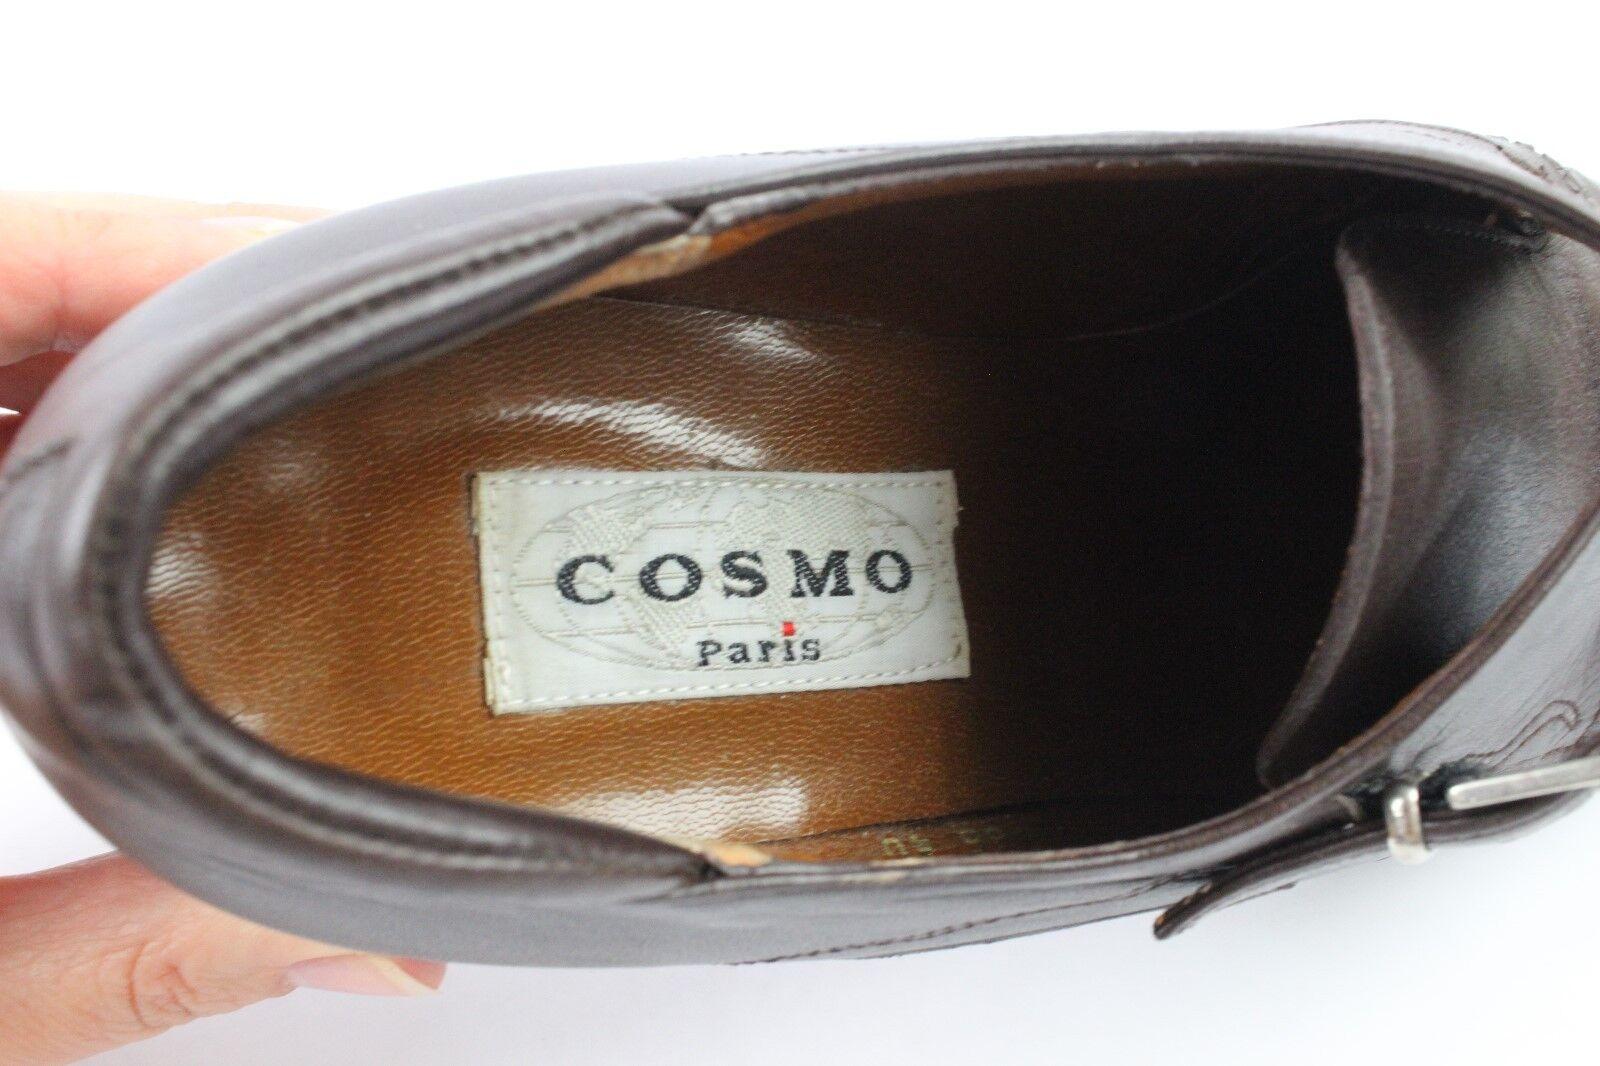 Oxfordschuhe spitz COSMO Paris alle t Leder braun t alle 40 sehr guter Zustand 2ae27d